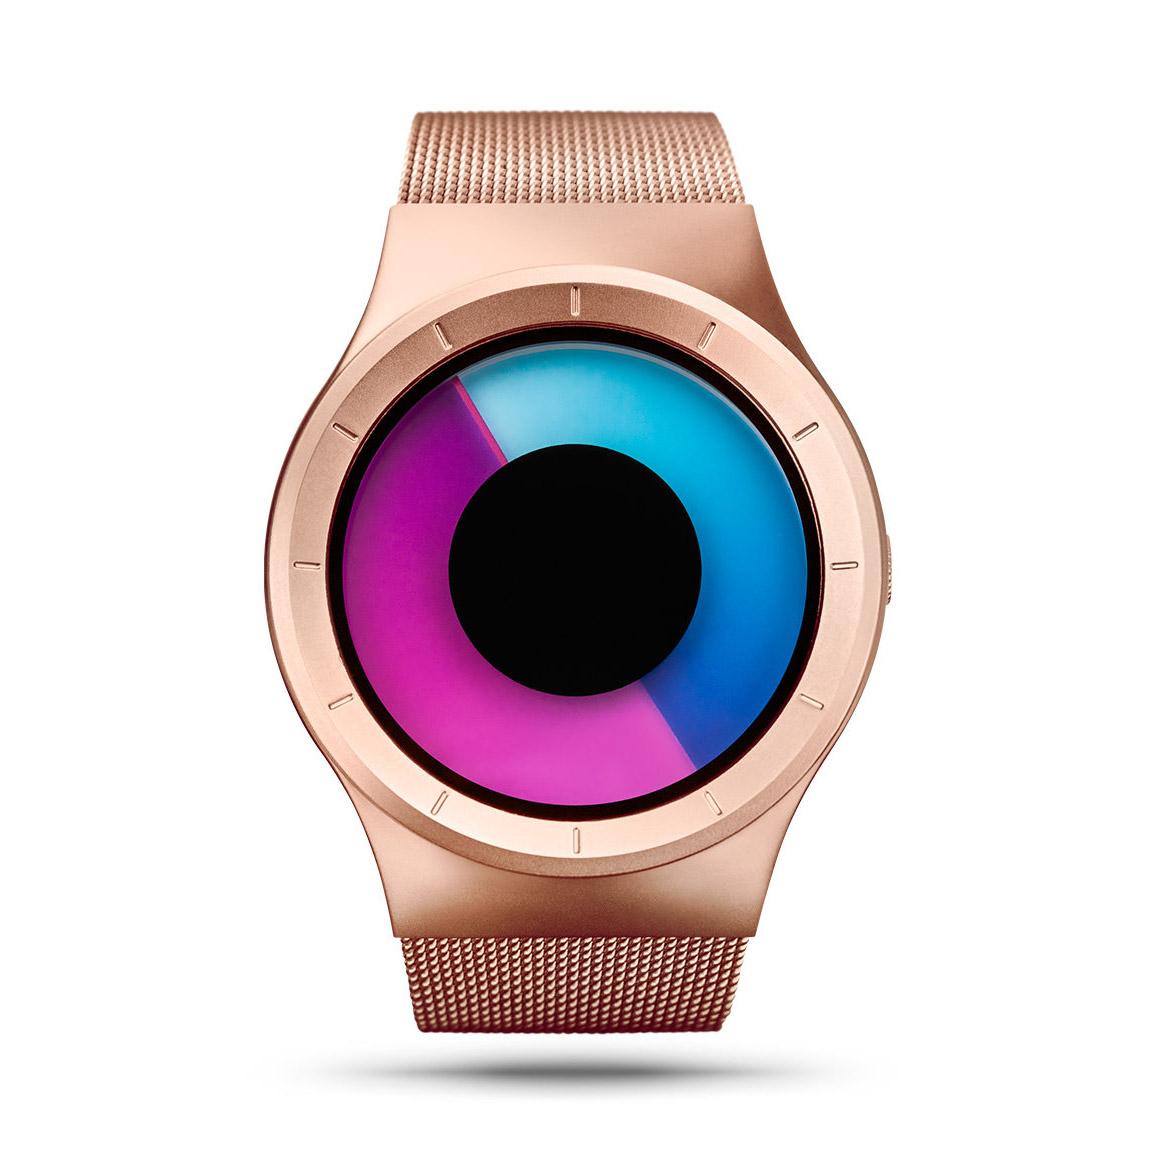 modernus moteriskas laikrodis  dovanos moterims merginai panelei siuolaikiskas modernus isskirtinis unikalus orginalus moteriskas laikrodis sportiska102